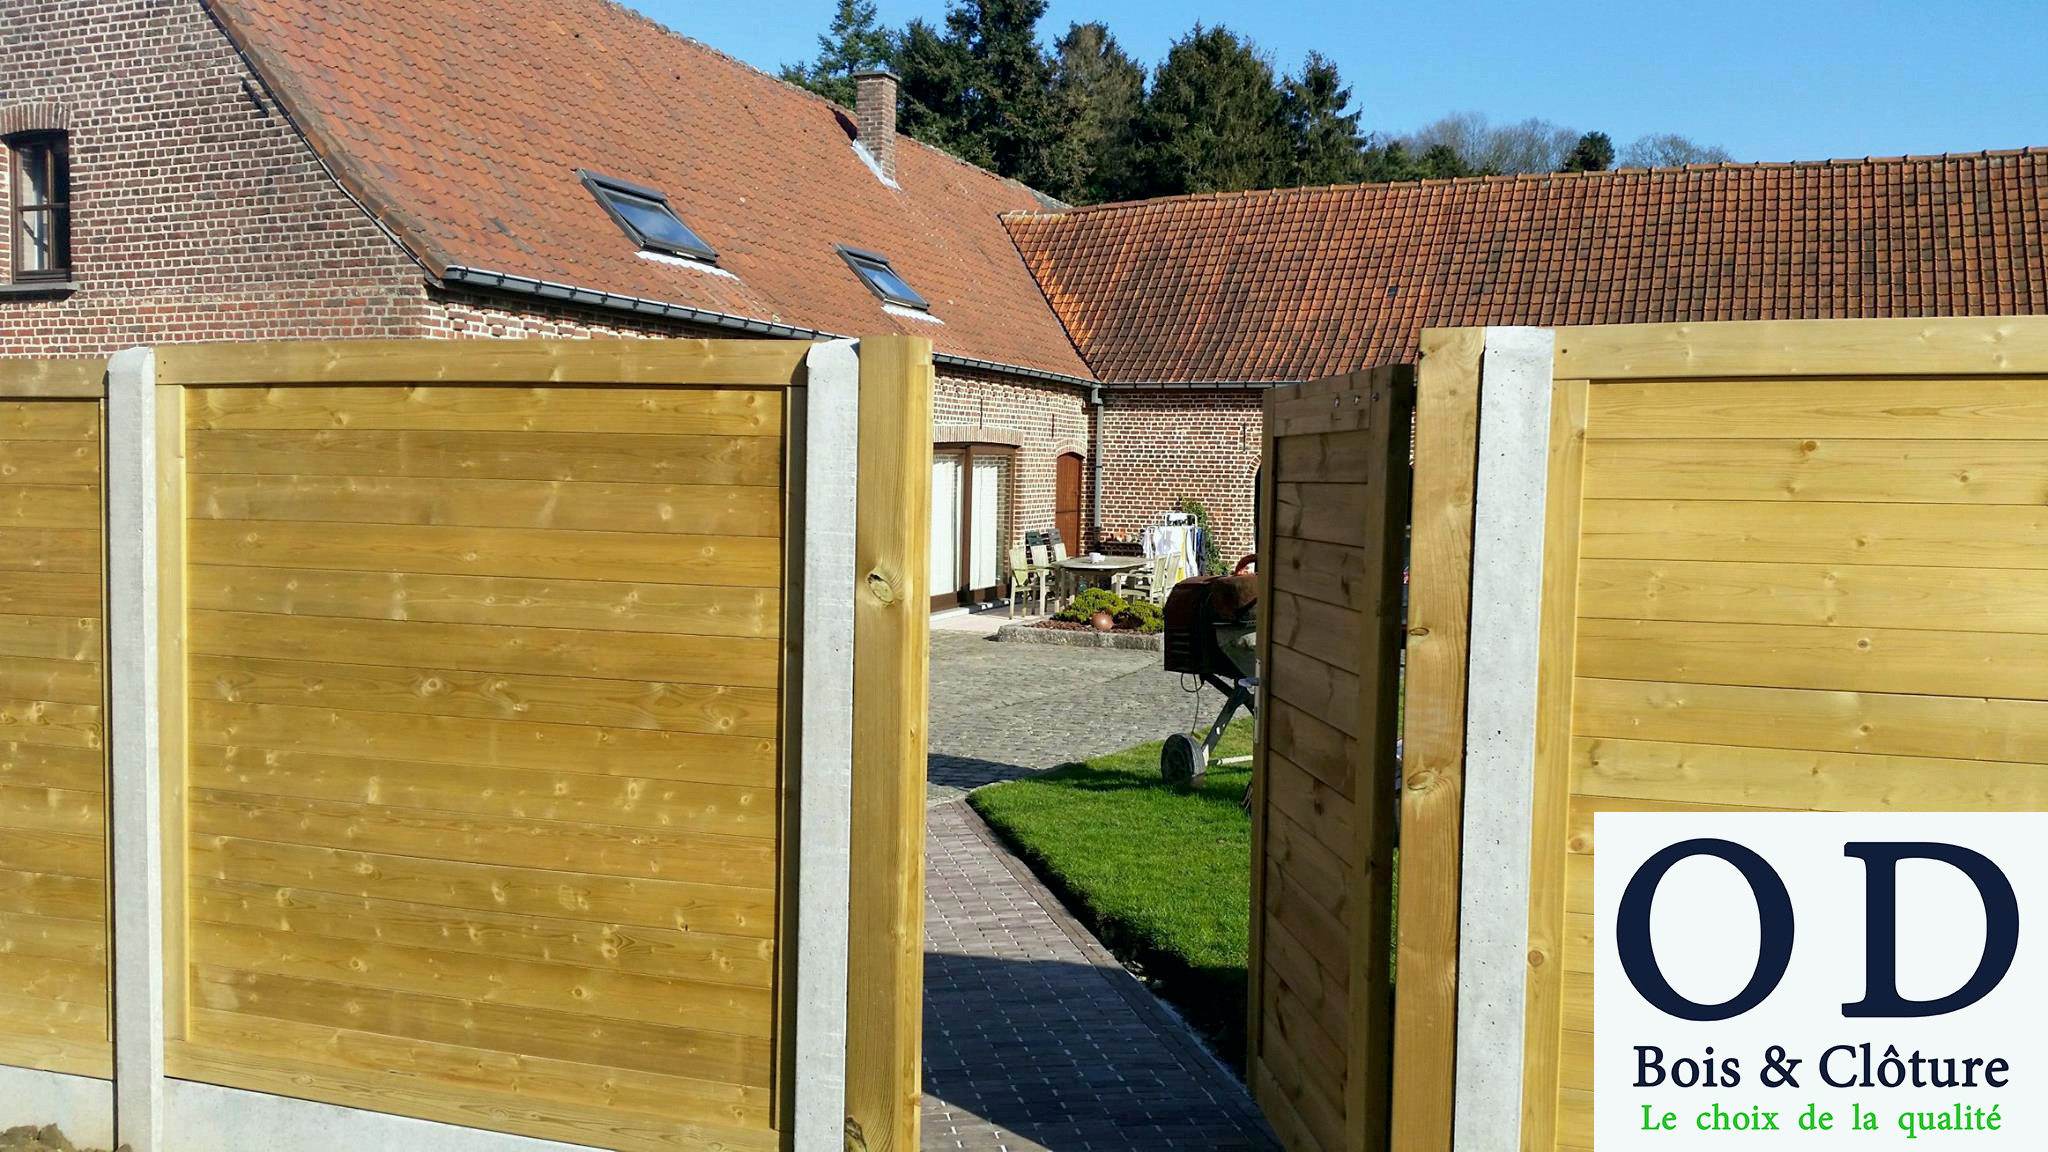 Abris De Jardin Bois Castorama Meilleur De Stock Brise Vue Castorama Bois Beau Maison Jardin Bois Castorama Mulhouse